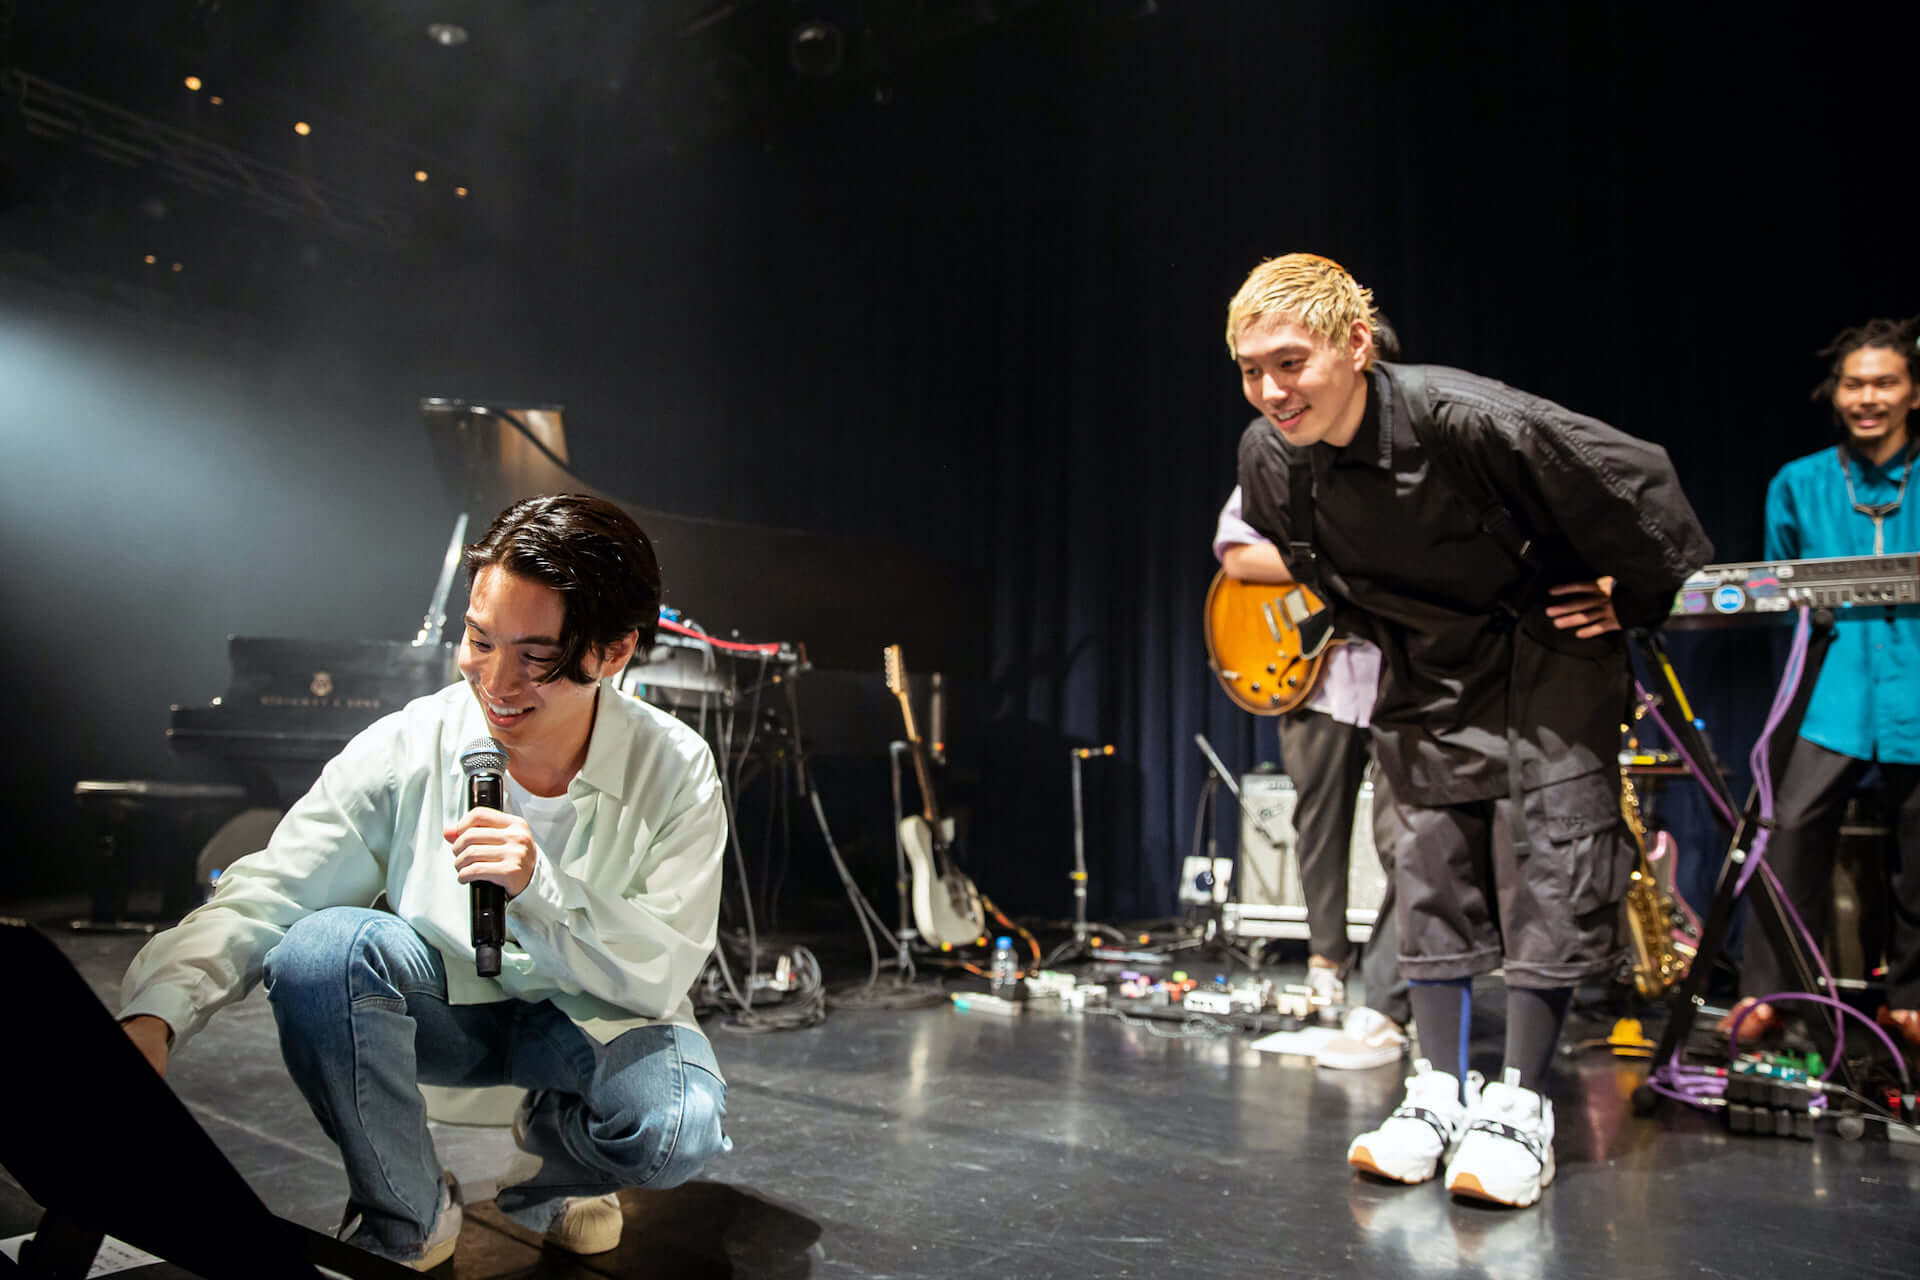 結成10周年を迎えたSoulflexがビルボードライブ大阪からキャリア初の生配信ライブを敢行!ライブレポートが到着 music2000825_soulflex-livereport_18-1920x1280